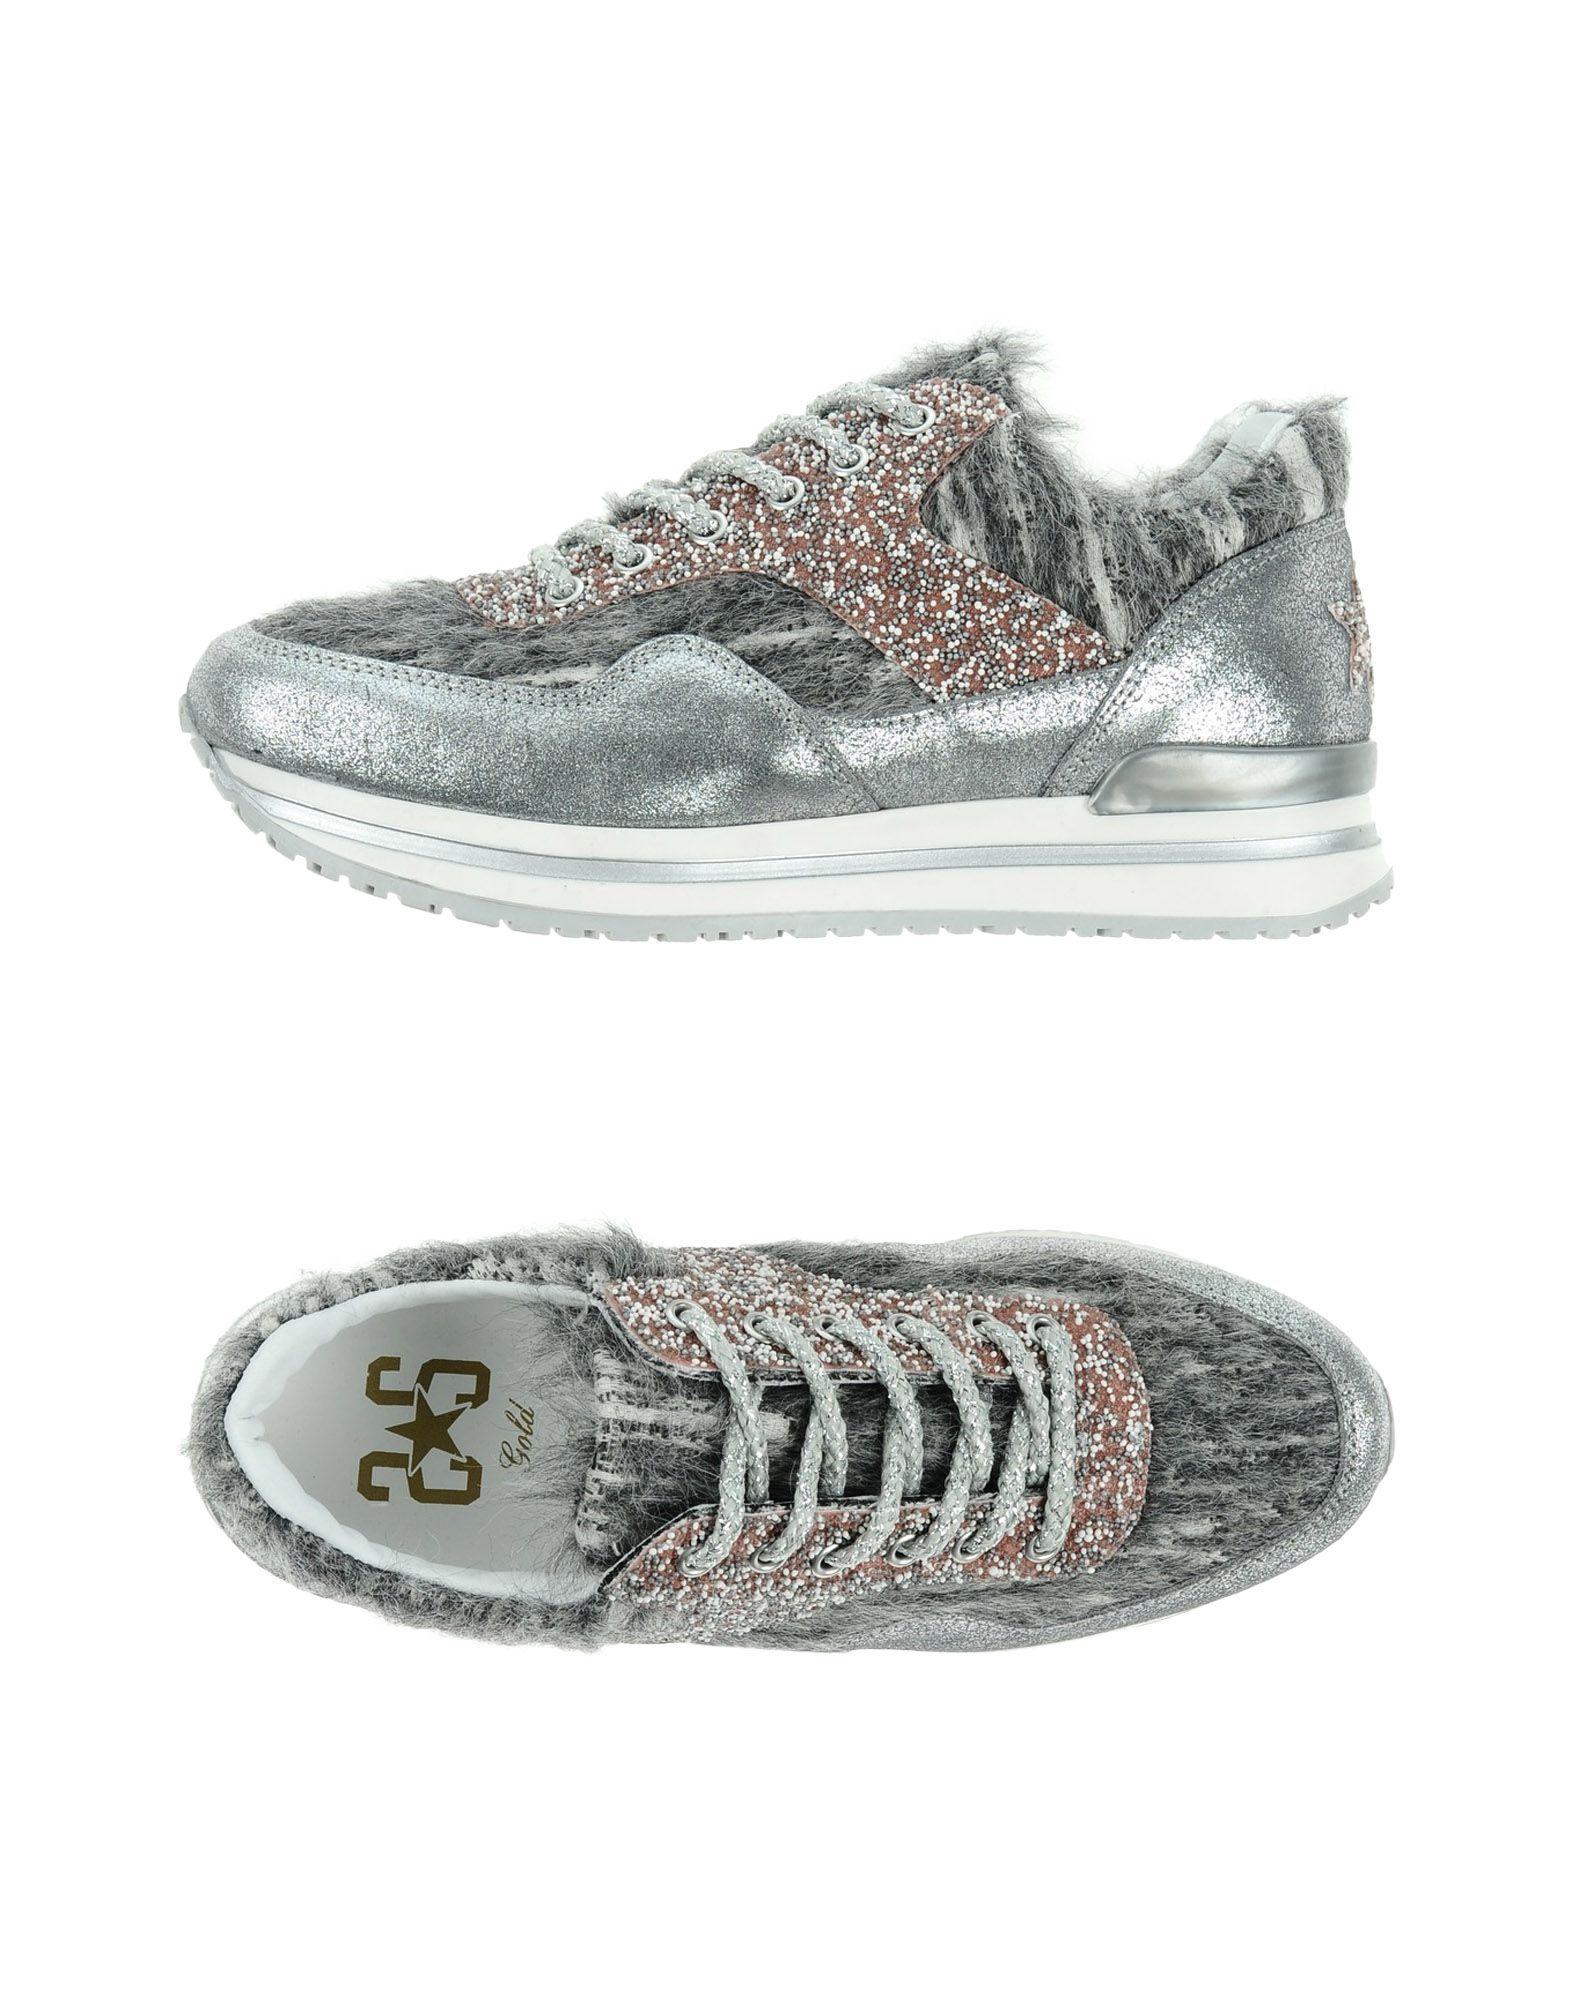 Scarpe Donna economiche e resistenti Sneakers 2Star Donna Scarpe - 11336911LF 721da1